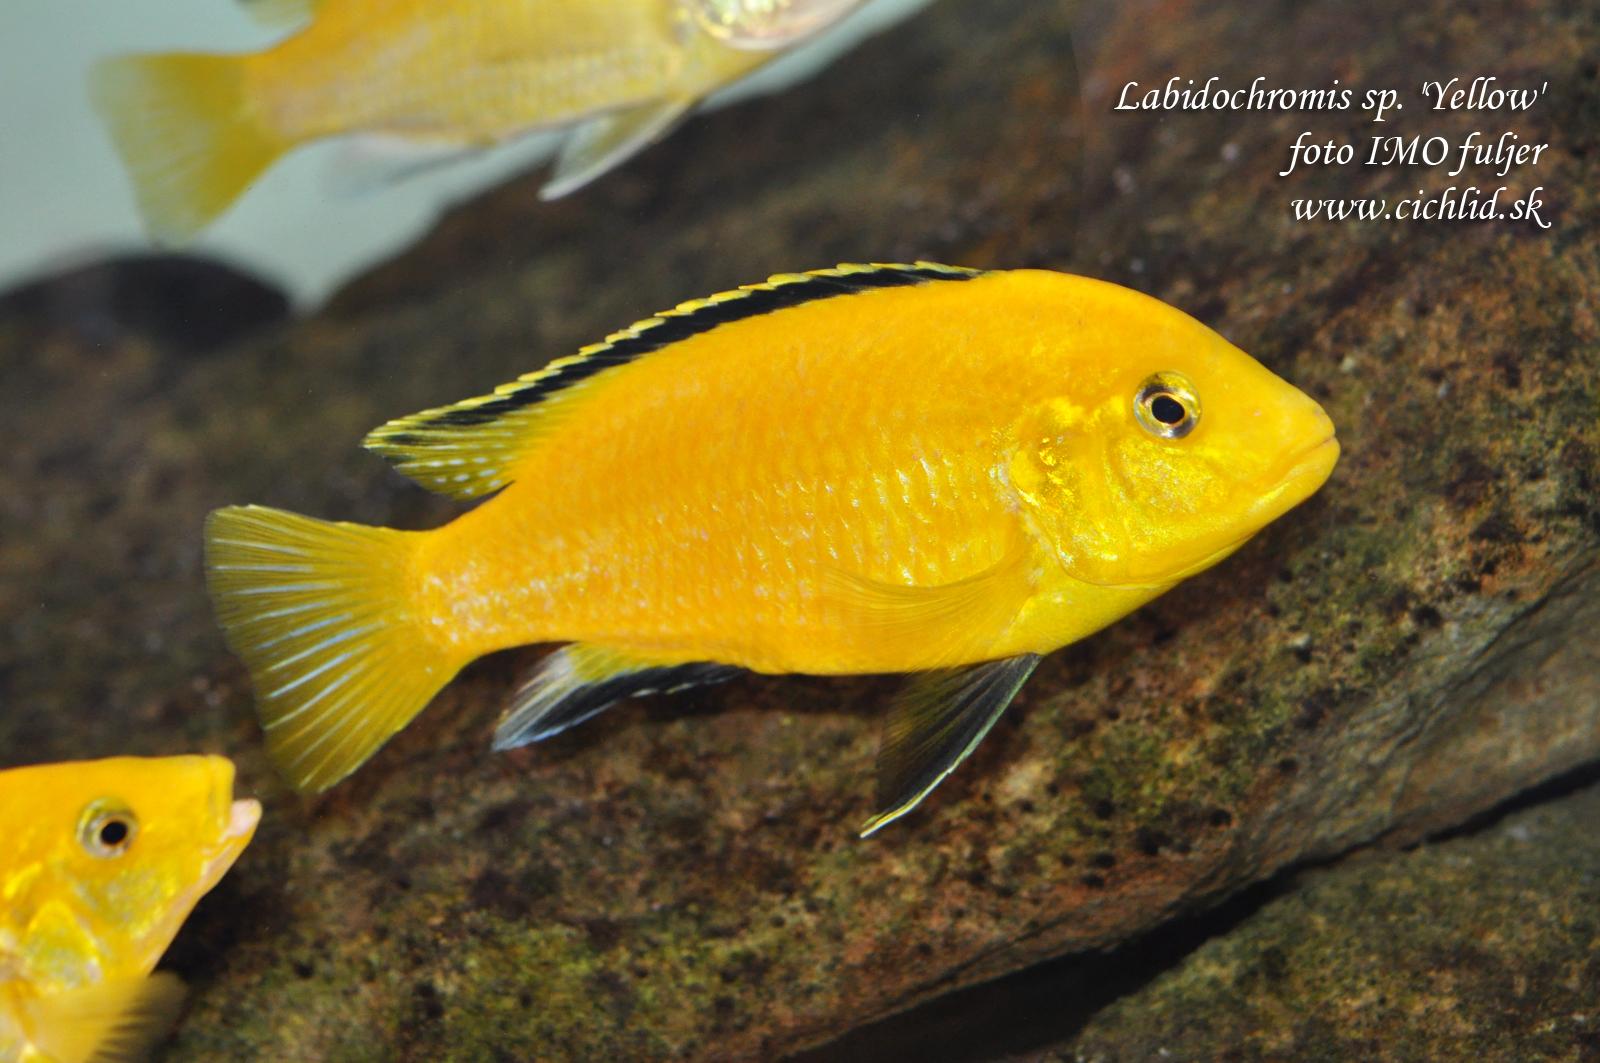 Labidochomis caerleus yellow